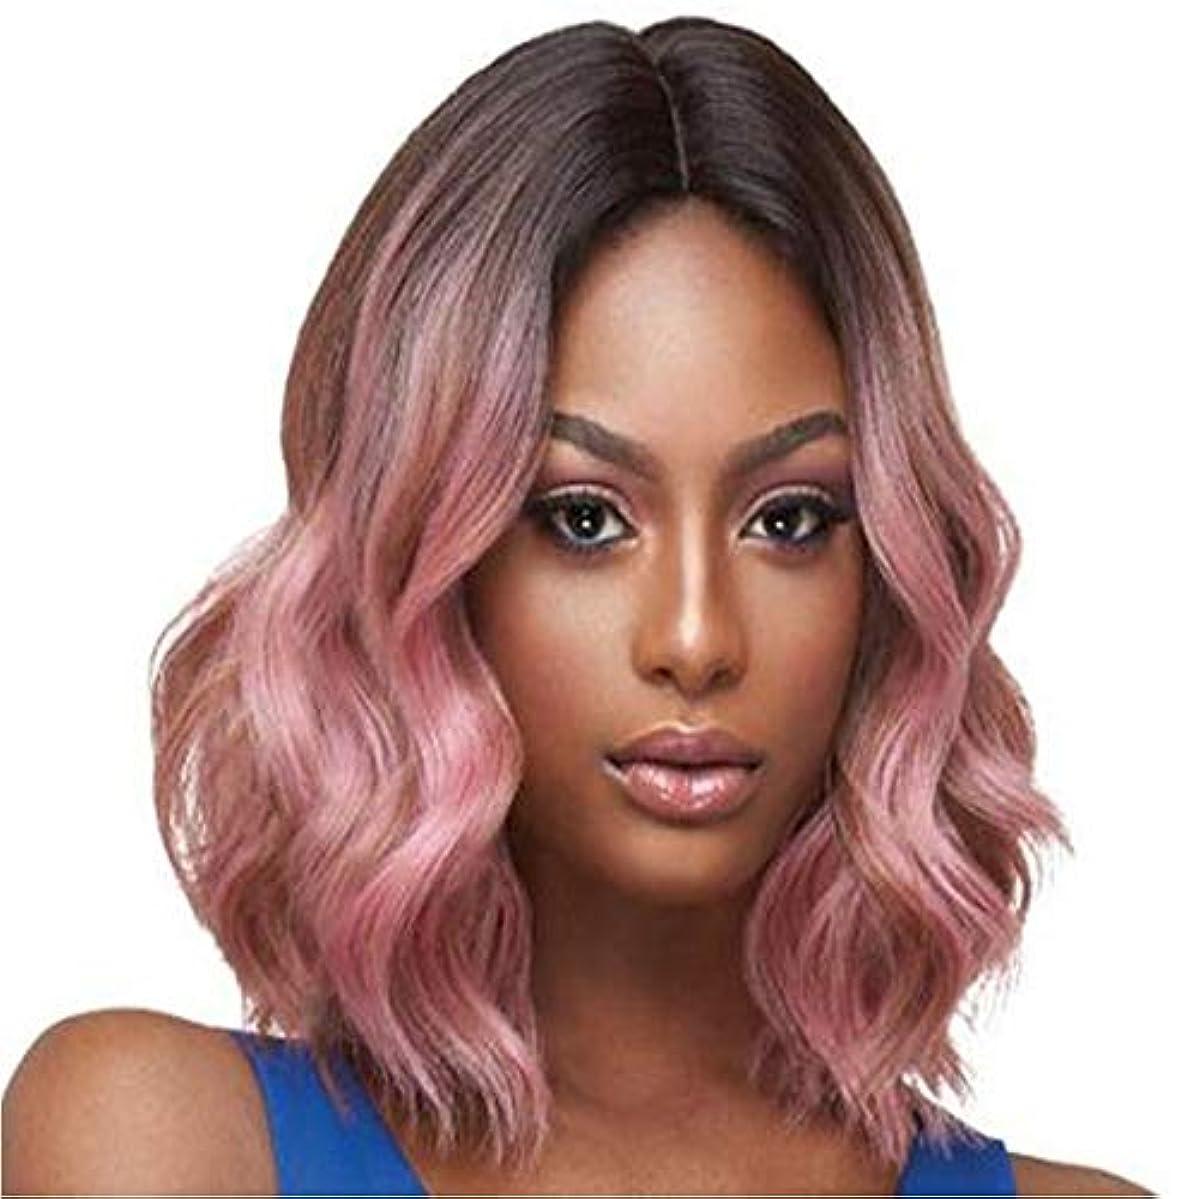 ヘアエクステンションピンクショート合成かつら女性用髪水波かつら高温ファイバーウィッグボブヘアカットショートオンブル合成かつら女性用デイウェアコスプレやパーティー